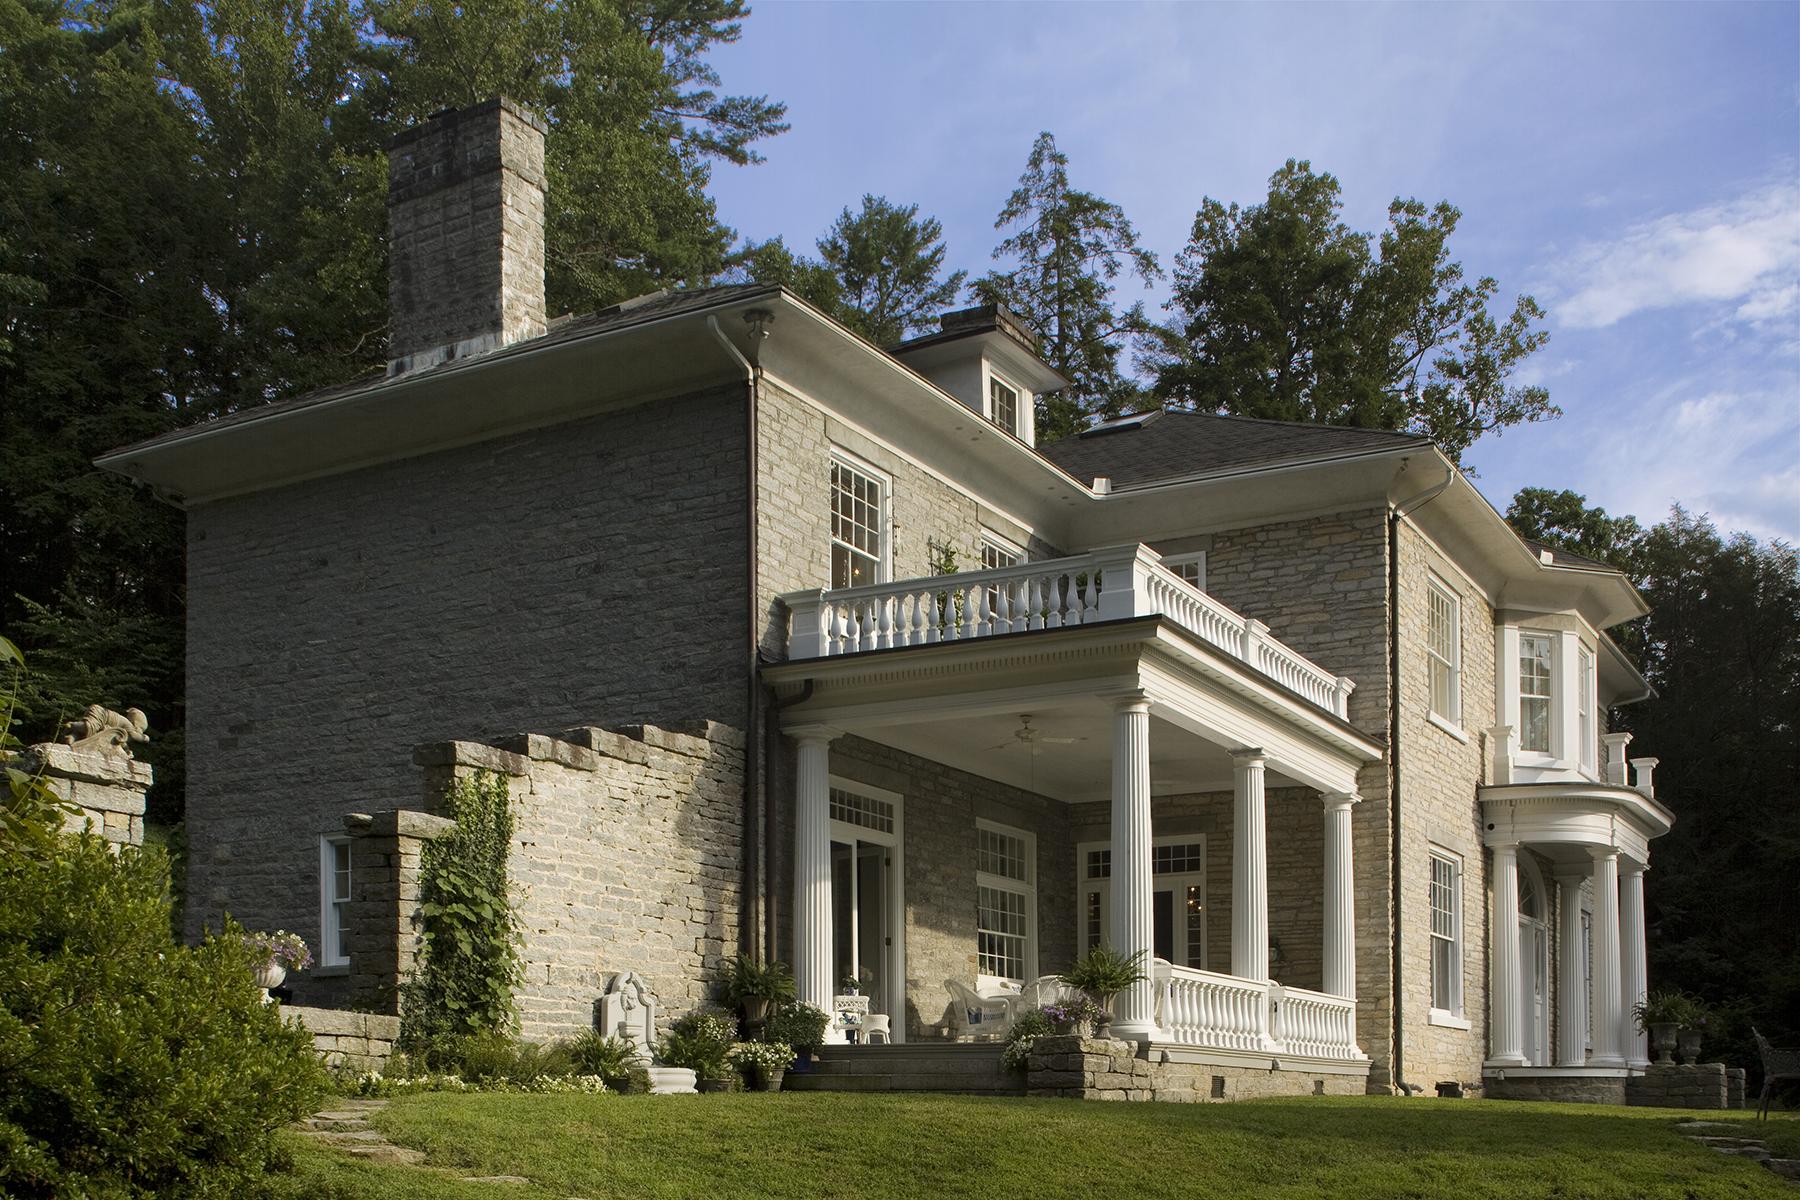 sales property at 1001 Estate Dr , Chanteloup, Flat Rock, NC 28739